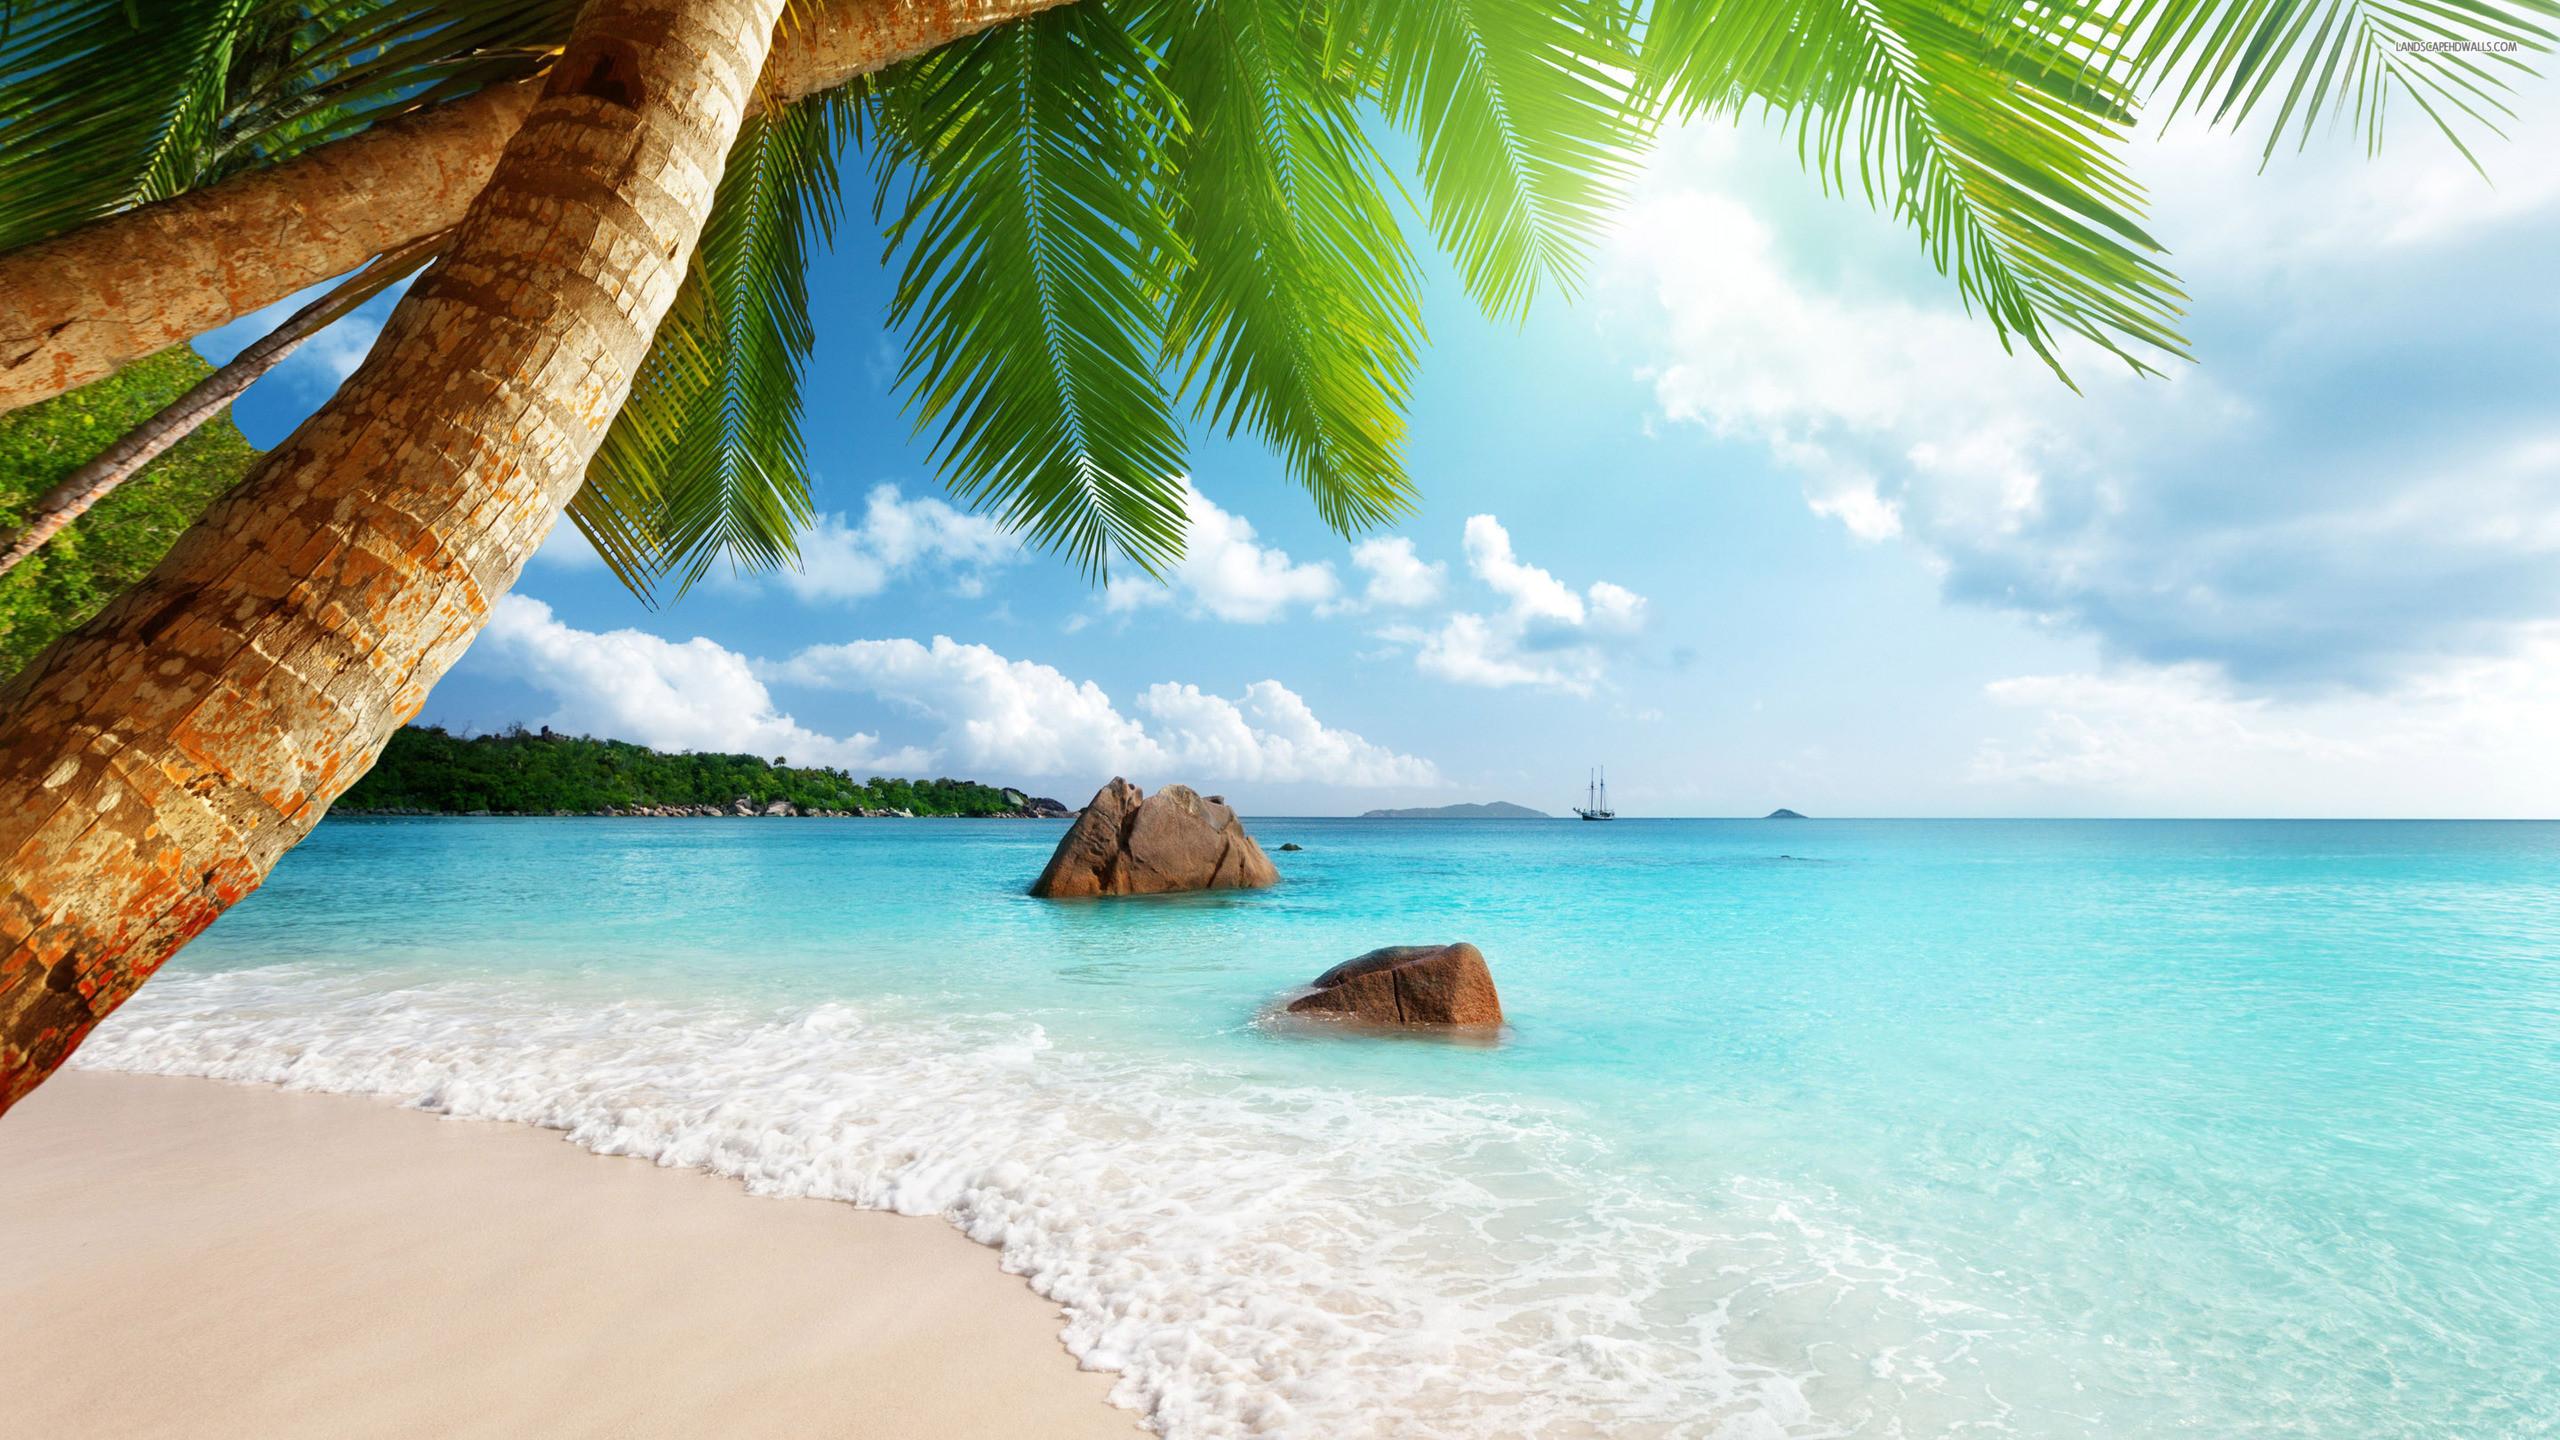 … Beach Wallpaper HD 8993 | HD Wallpaper Site